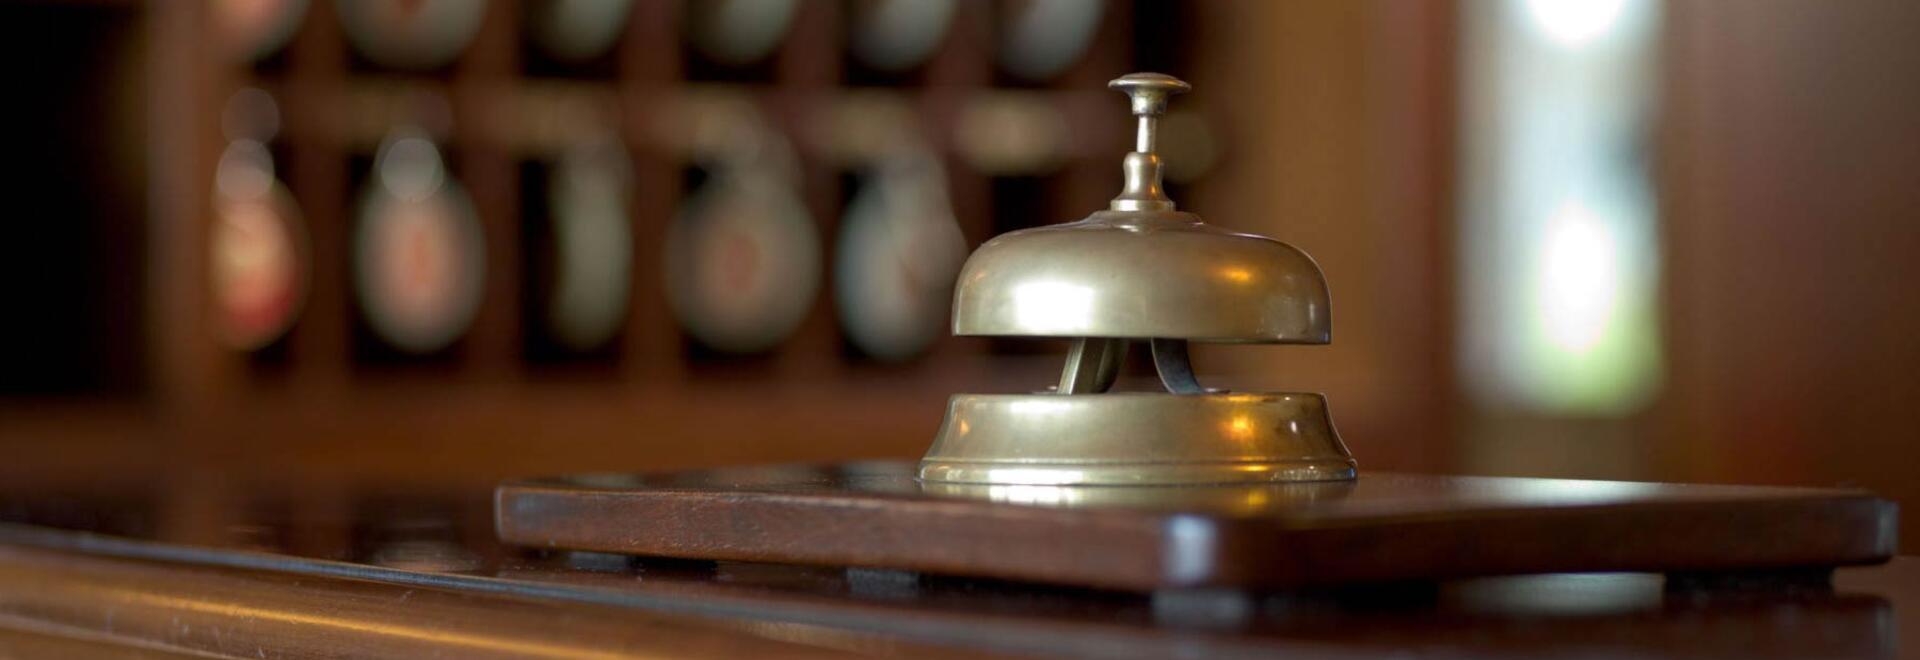 hotelconfine de kontakt 002